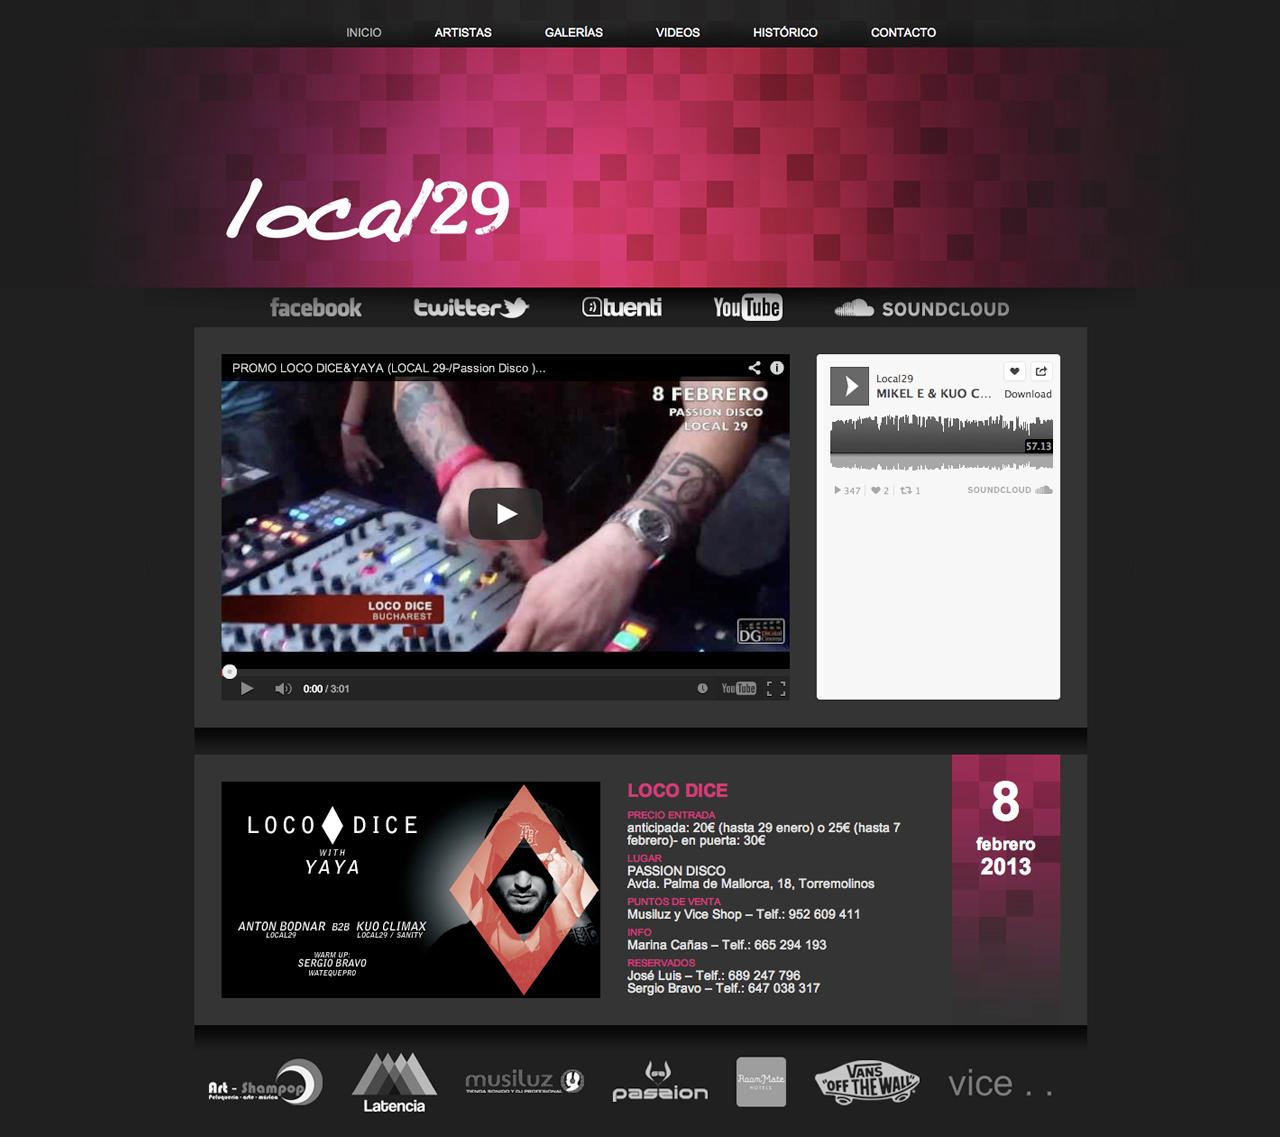 Página web Local29